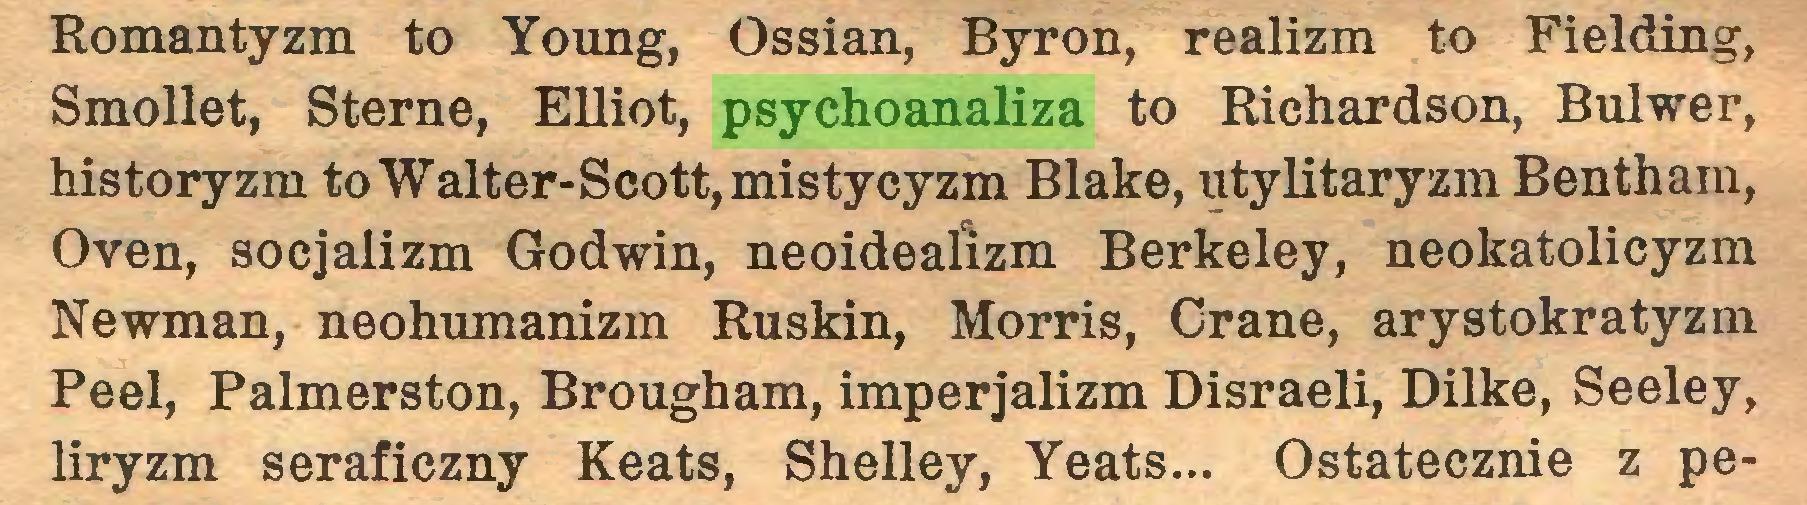 (...) Romantyzm to Young, Ossian, Byron, realizm to Fielding, Smollet, Steme, Elliot, psychoanaliza to Richardson, Bulwer, historyzm to Walter-Scott, mistycyzm Blake, utylitaryzm Bentham, Oven, socjalizm Godwin, neoideaíizm Berkeley, neokatolicyzm Newman, neohumanizm Ruskin, Morris, Grane, arystokratyzm Peel, Palmerston, Brougham, imperjalizm Disraeli, Dilke, Seeley, liryzm seraficzny Keats, Shelley, Yeats... Ostatecznie z pe...